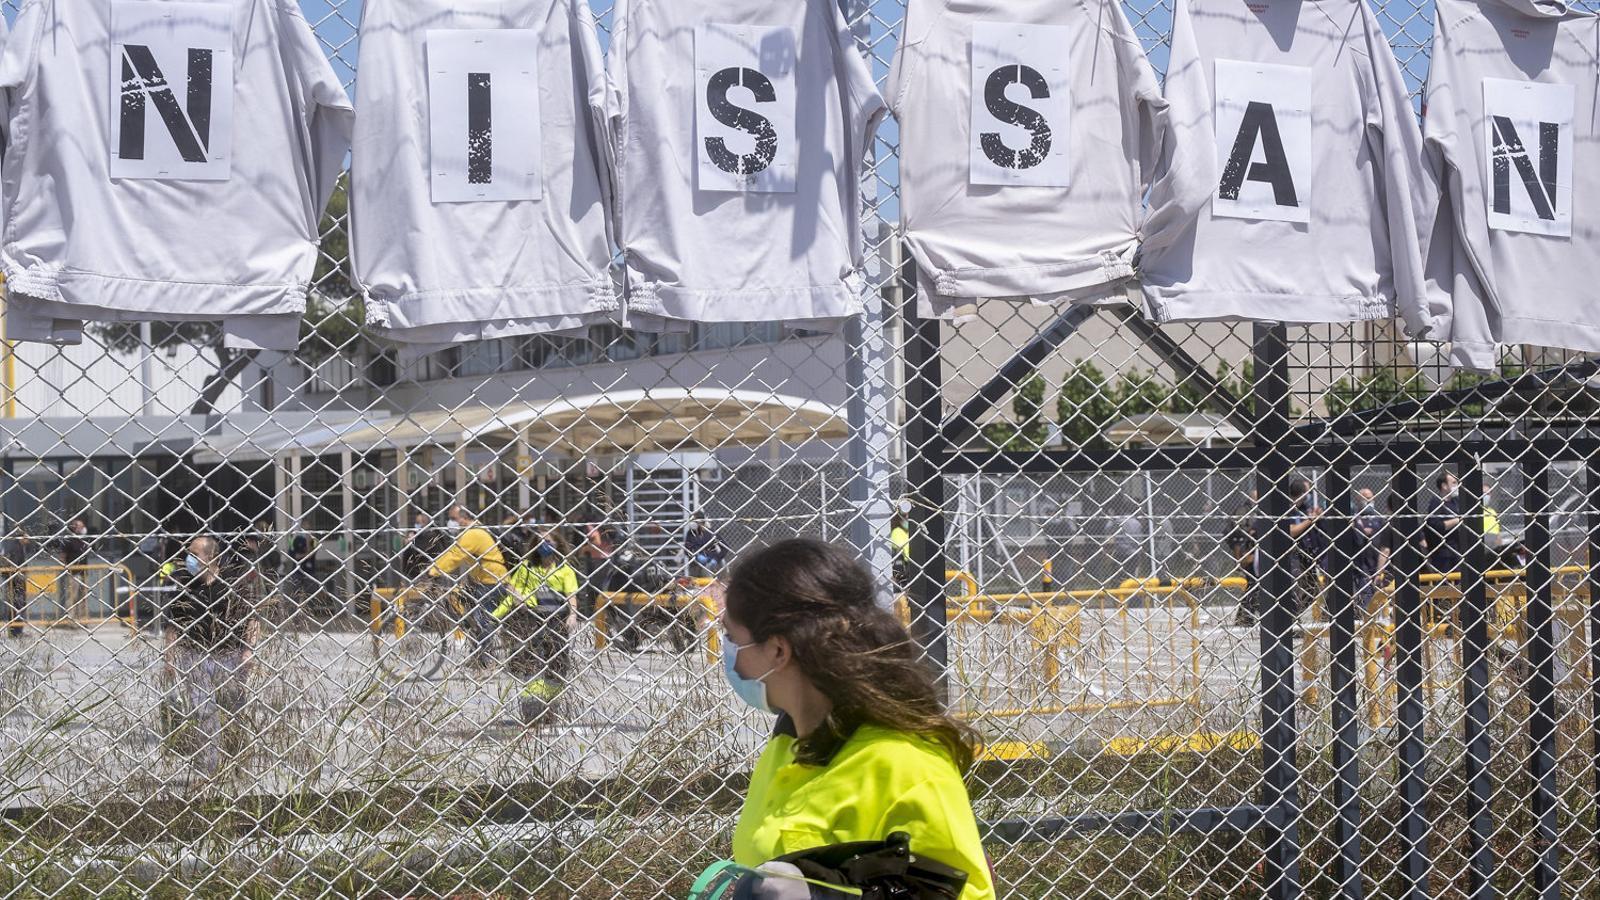 Nissan té previst tancar les tres fàbriques que té a Catalunya al desembre, cosa que deixarà sense feina 2.525 empleats directes.